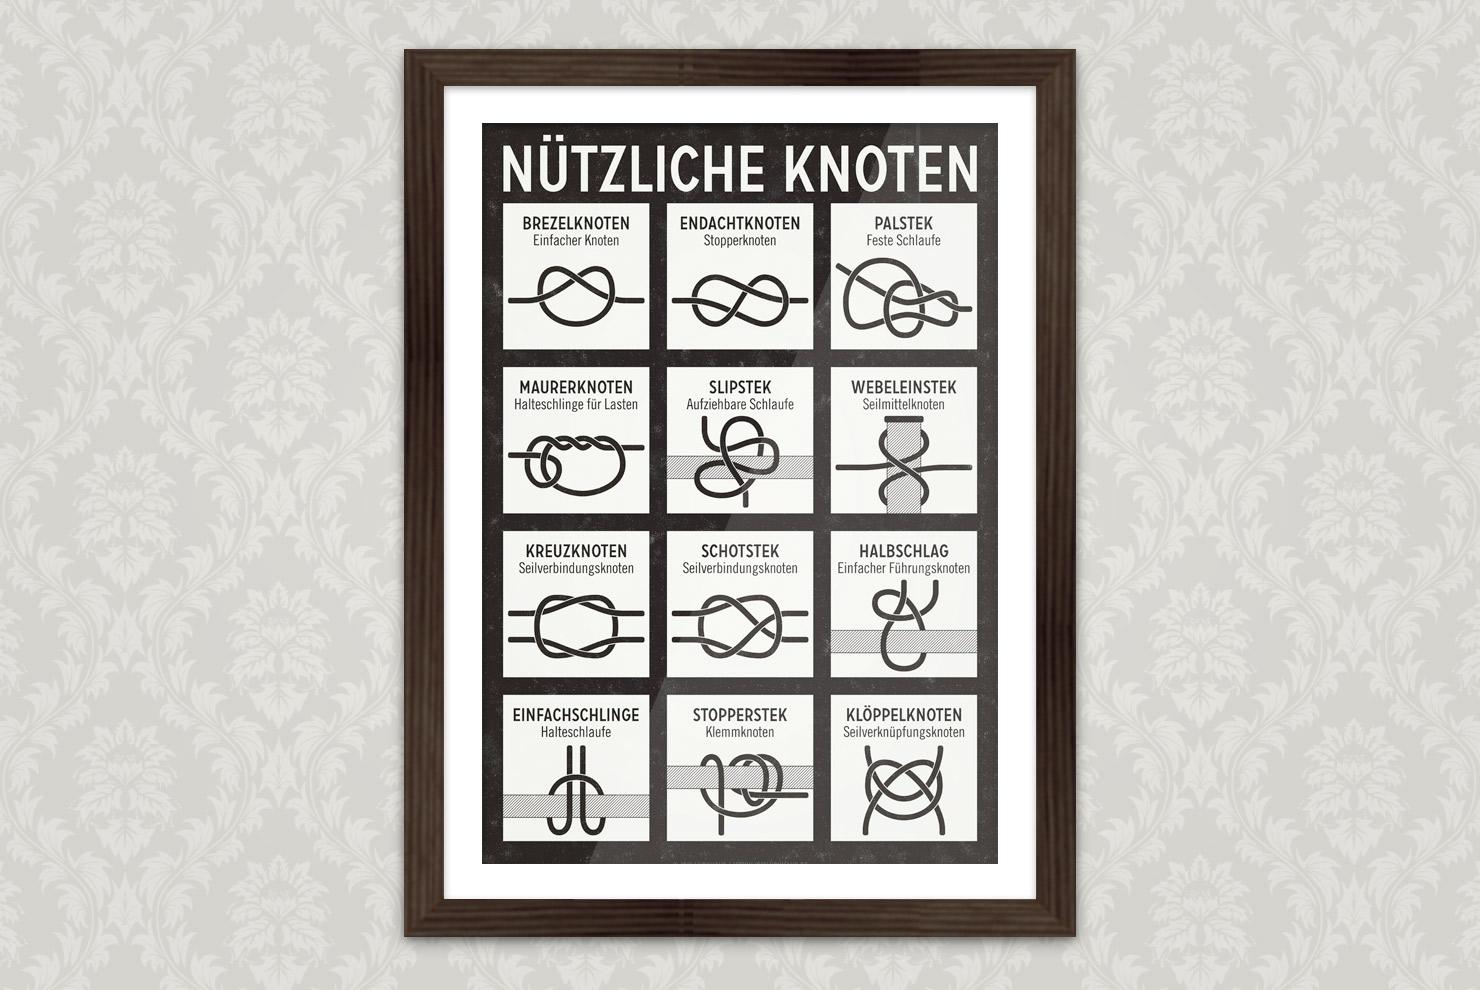 Poster mit einer illustrierten Anleitung zum Binden von nützlichen Knoten und Seemannsknoten